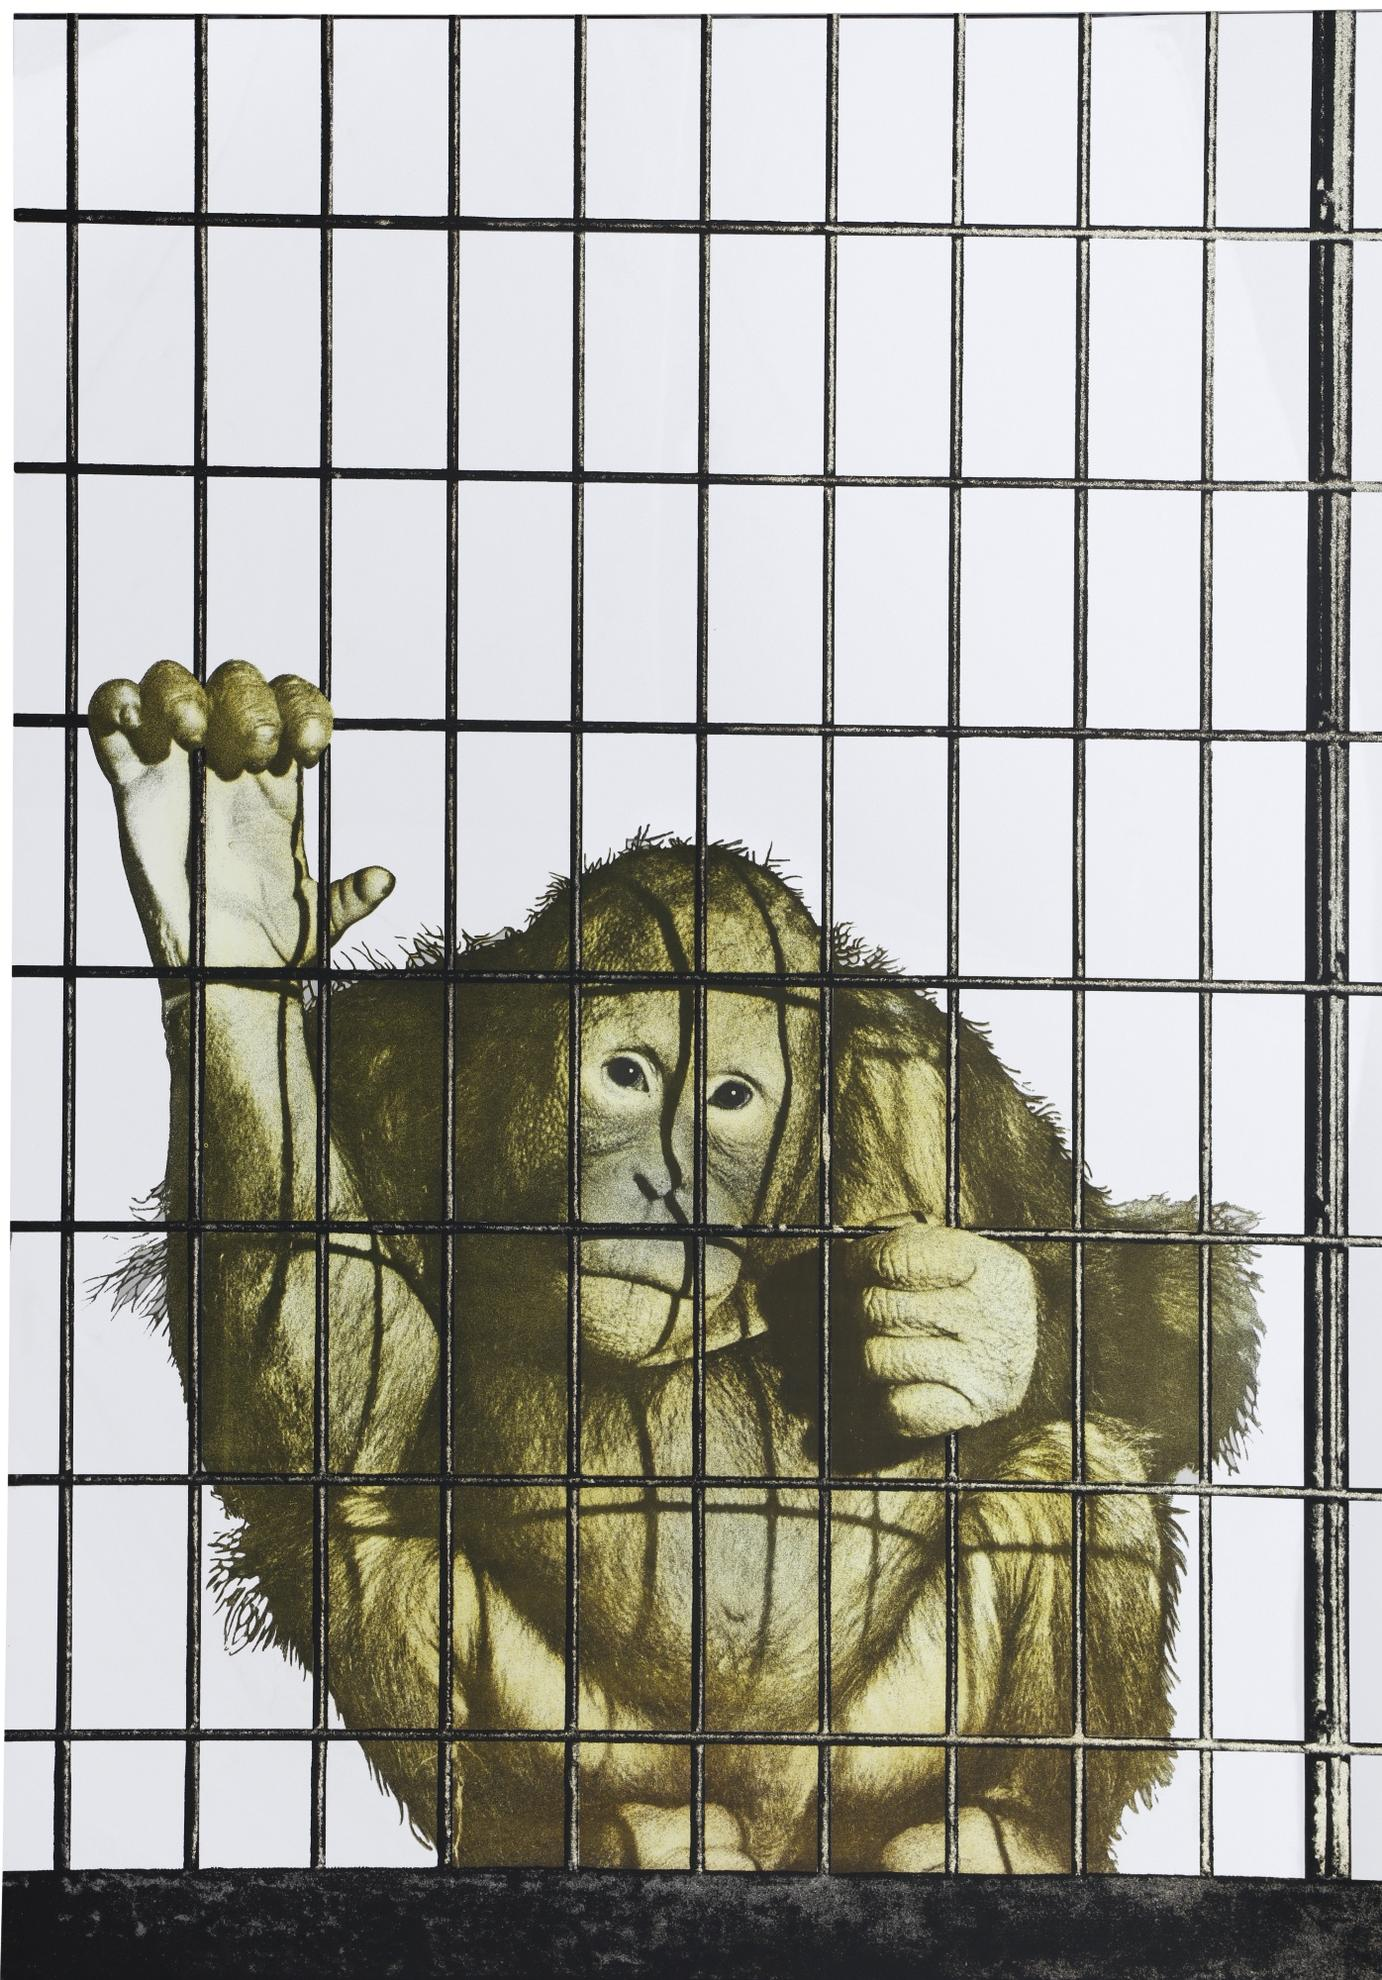 Michelangelo Pistoletto-Scimmia In Gabbia-1973